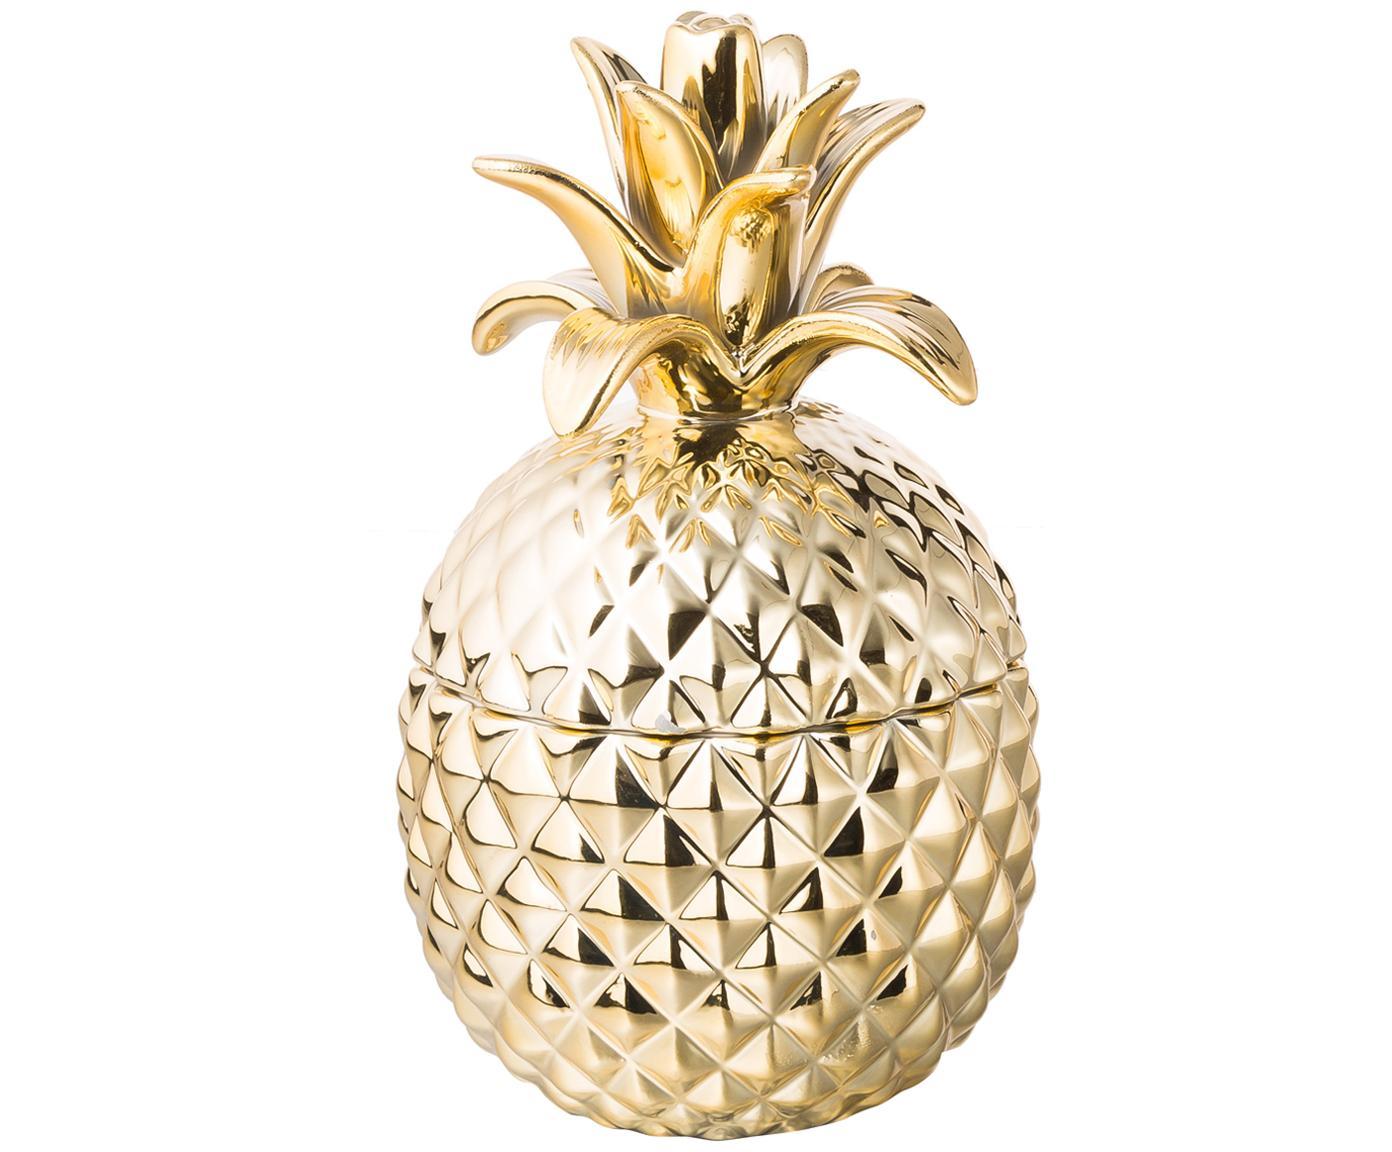 Aufbewahrungsdosen-Set Pineapple, 2-tlg., Keramik, Außen: Goldfarben, glänzend<br>Innen: Weiß, Sondergrößen